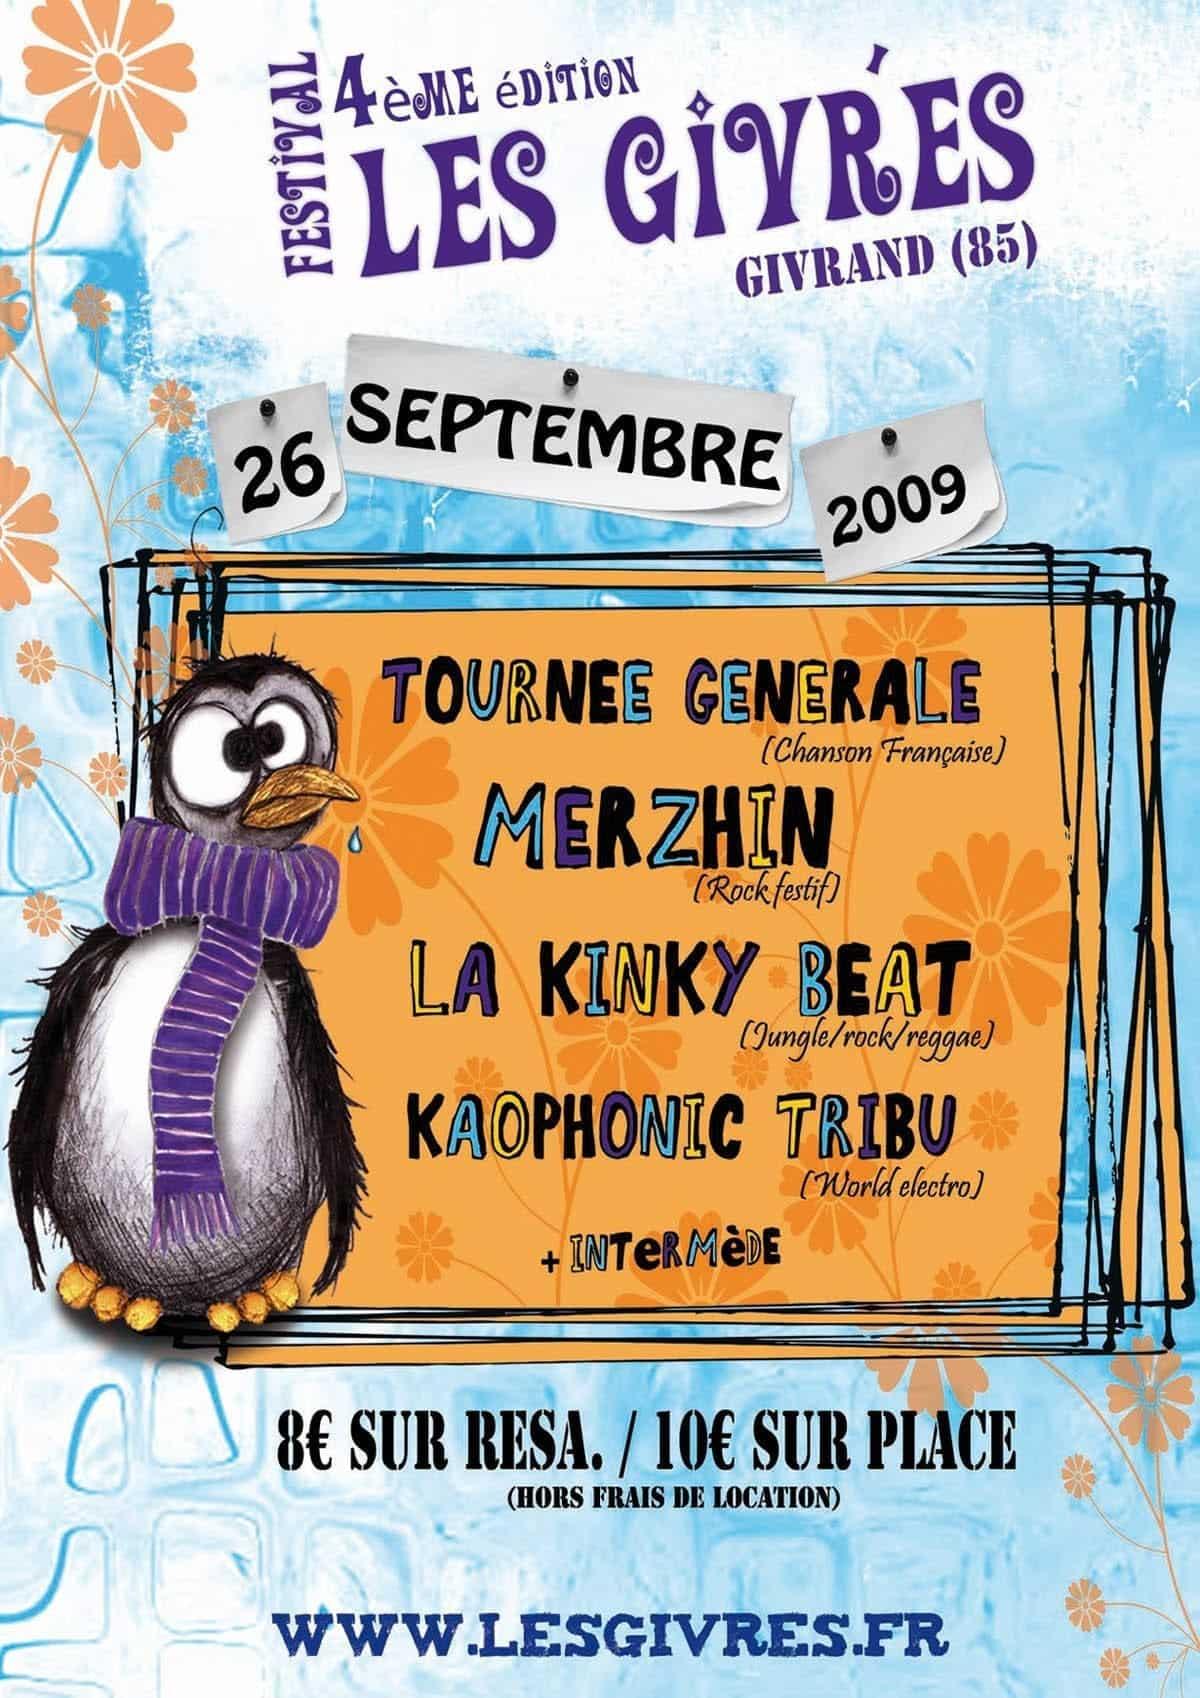 Affiche Festival Les Givrés 2009 - Givrand